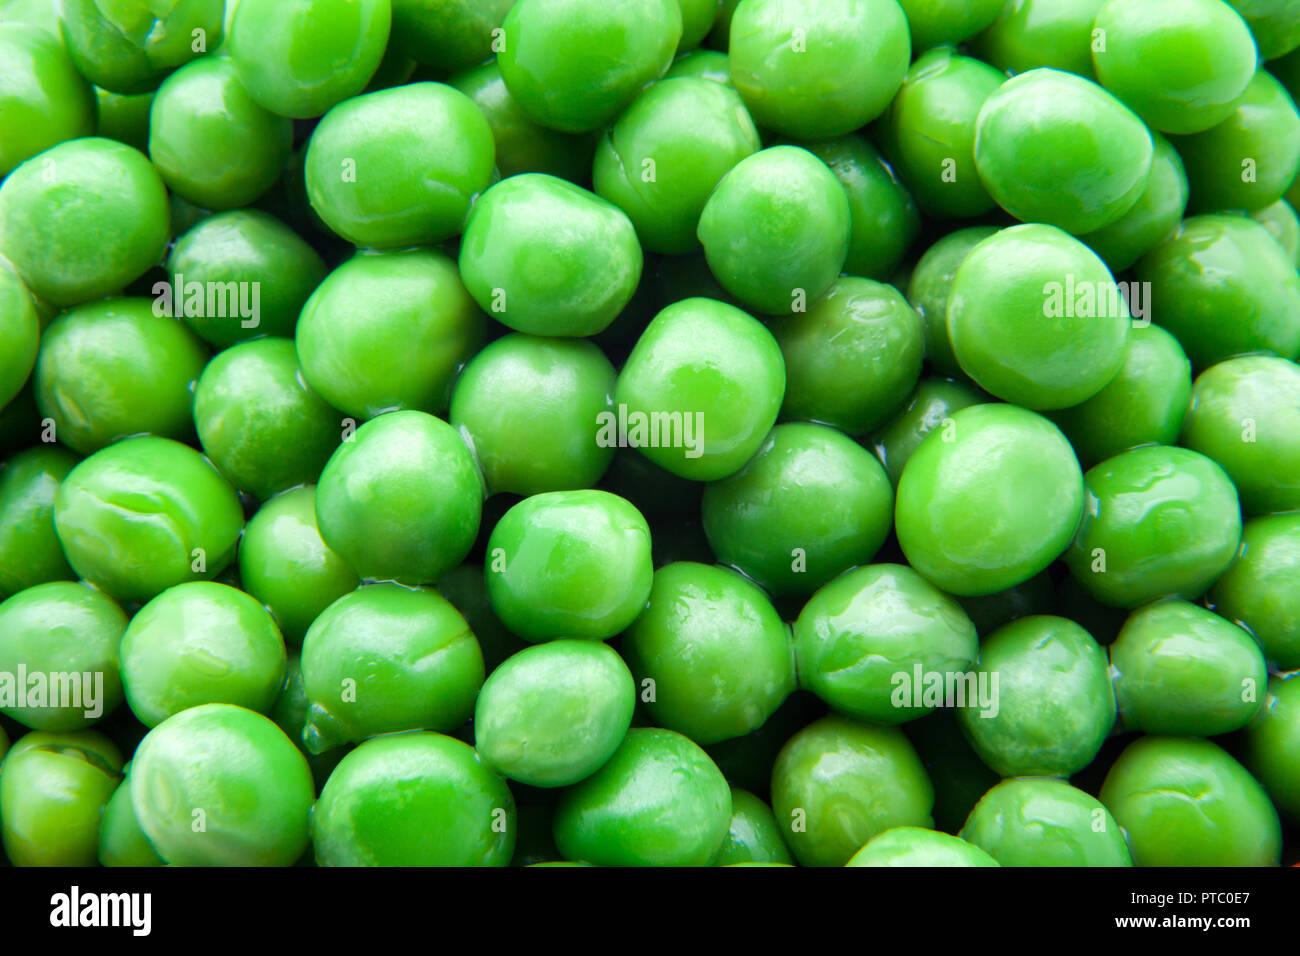 fresh green peas ready to eat Stock Photo